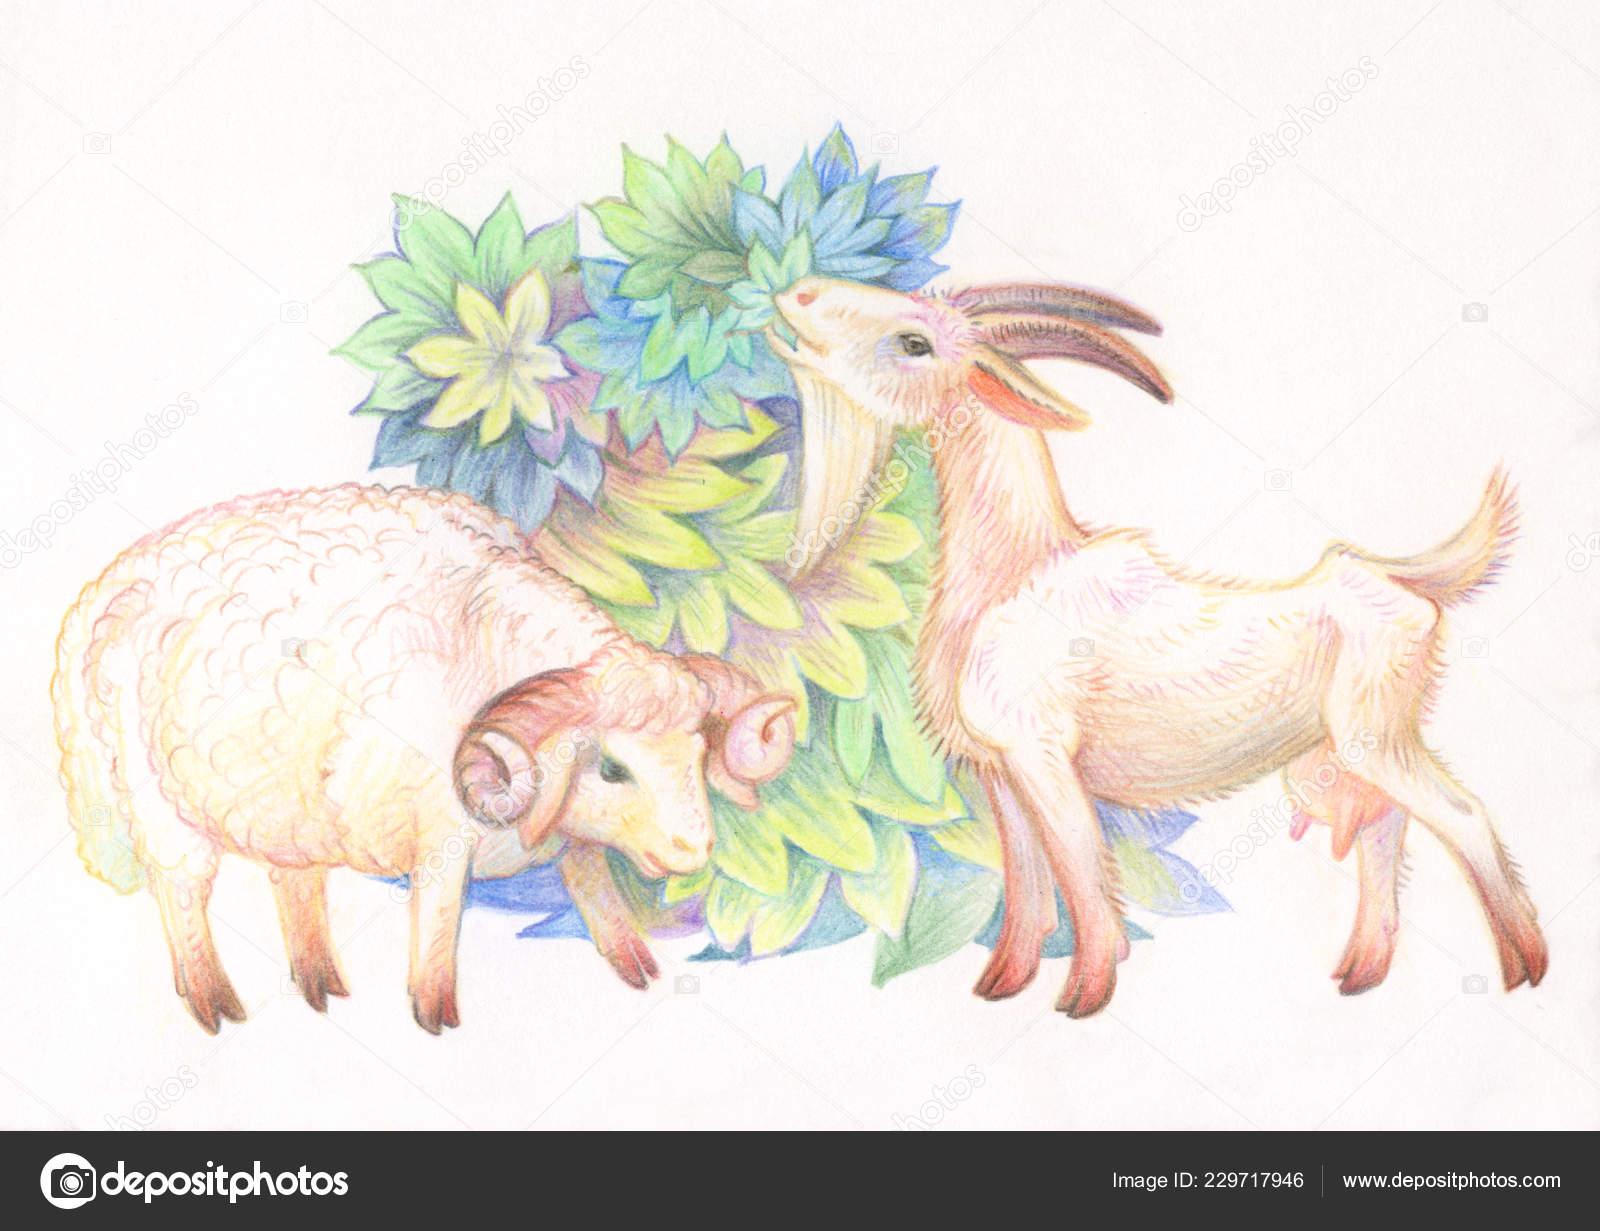 Disegno Matita Illustrazione Bambini Immagine Animali Con Matite